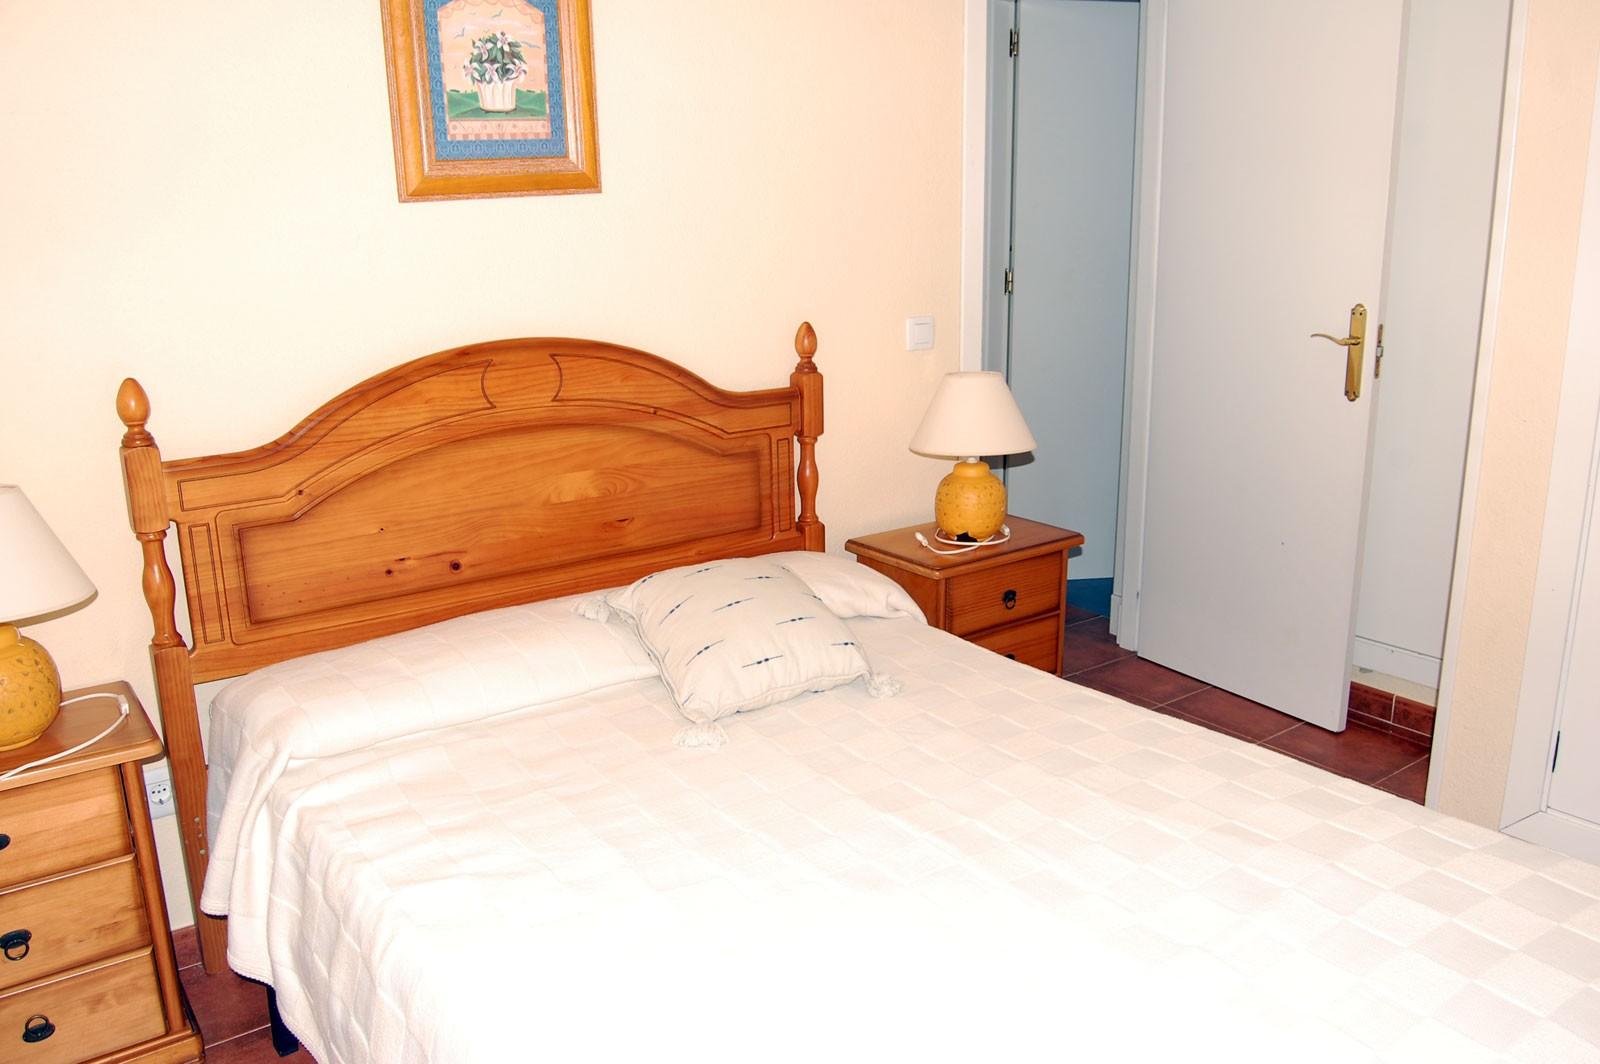 Baños Con Vista Al Mar:Se venta atico duplex con vistas al mar de tres dormitorios y dos